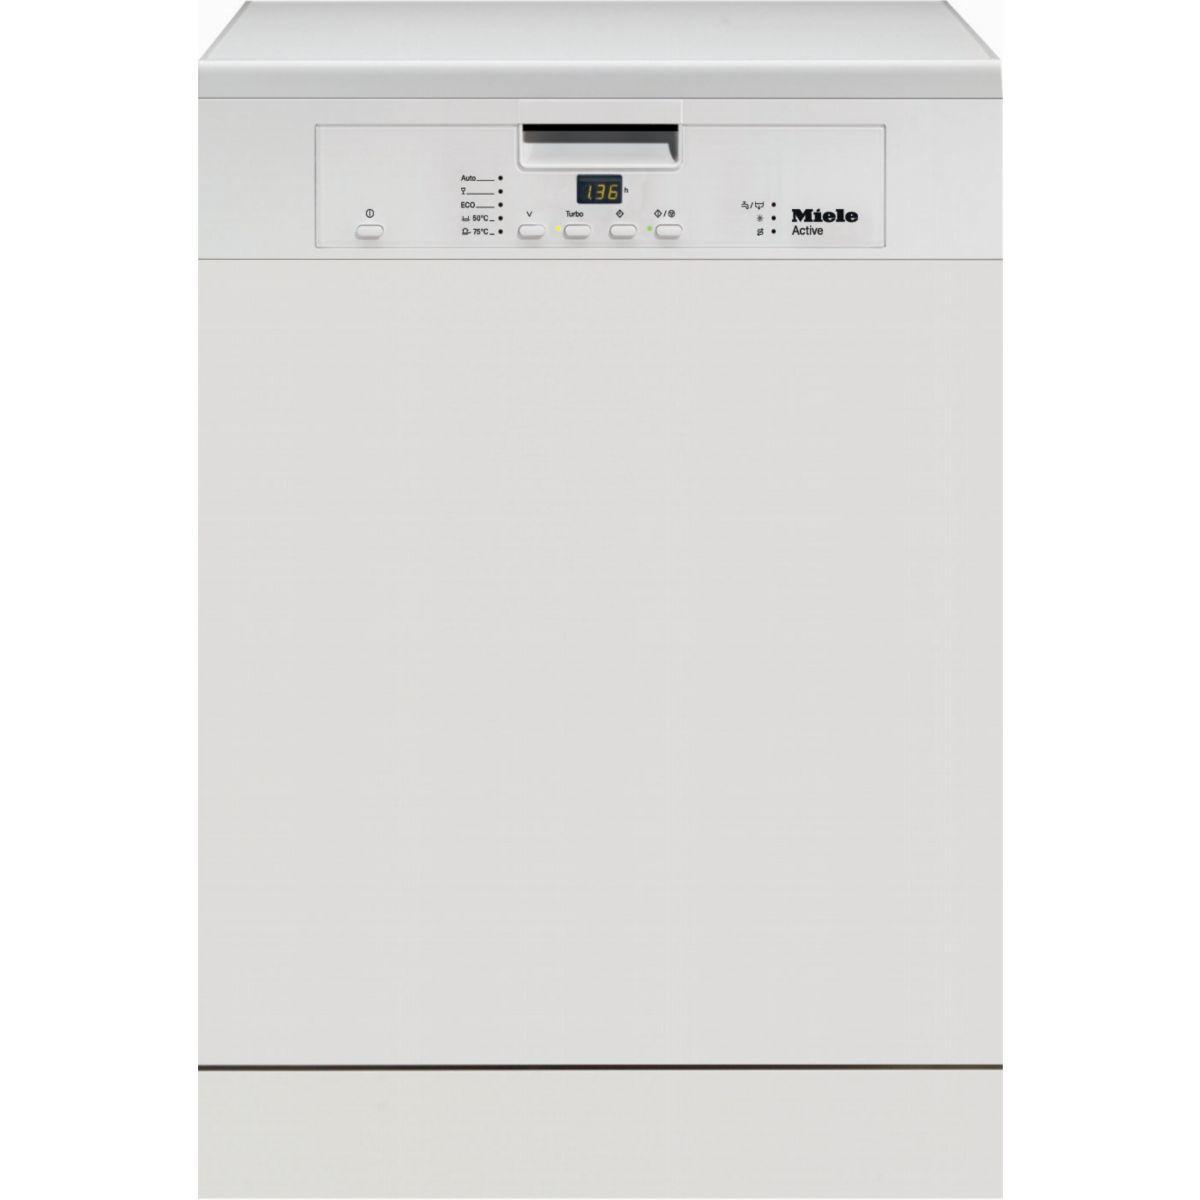 Lave-vaisselle 60cm miele g 4202 - produit coup de coeur webdistrib.com ! (photo)